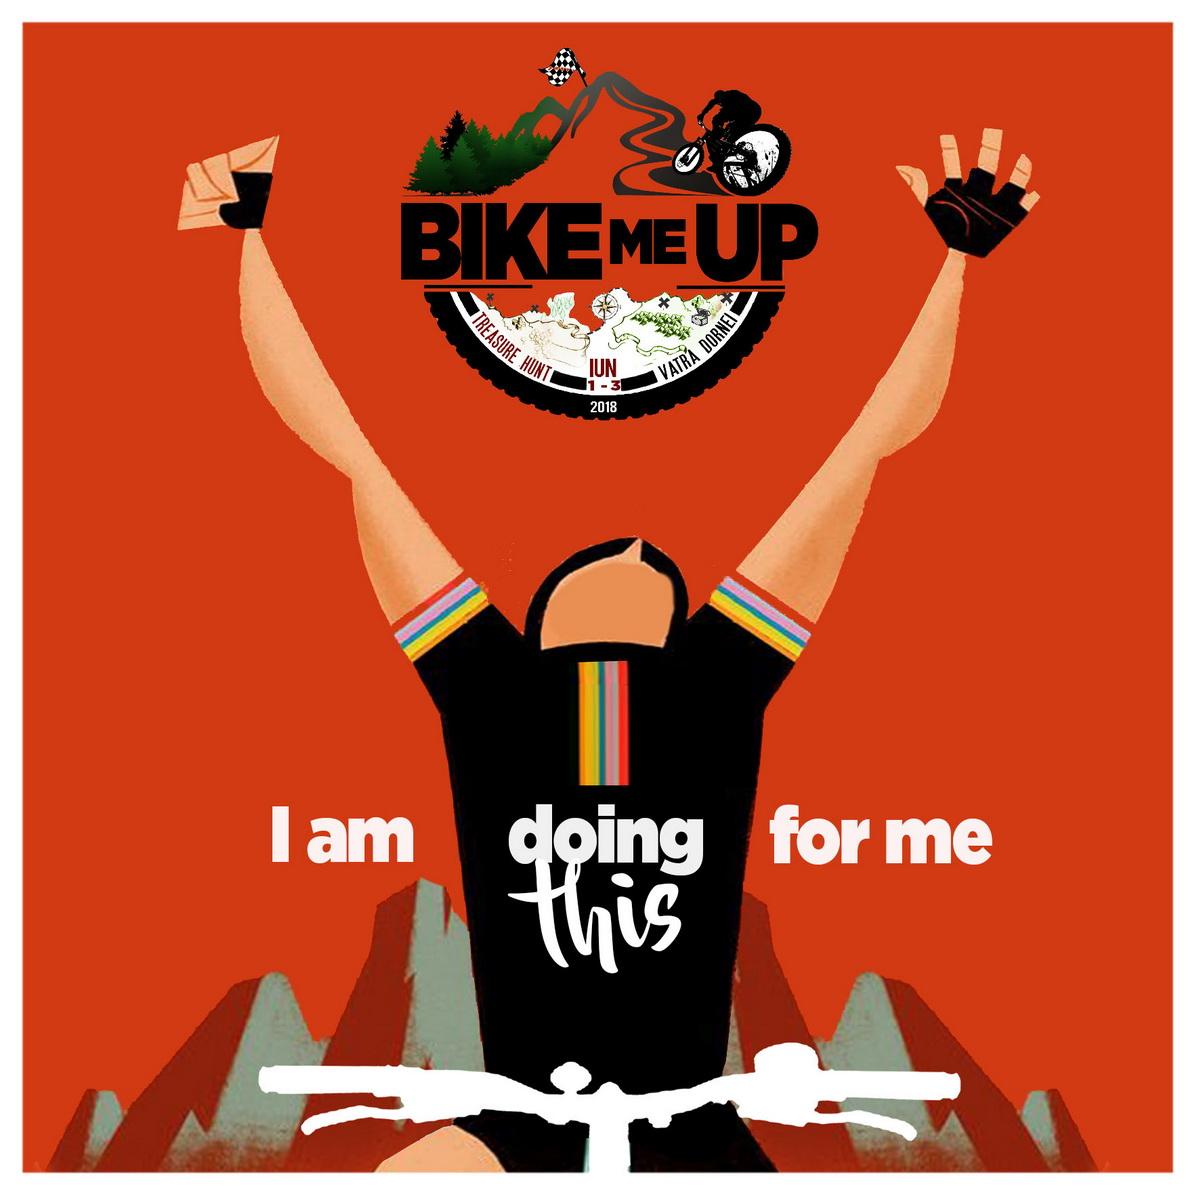 Bike Me Up 2018